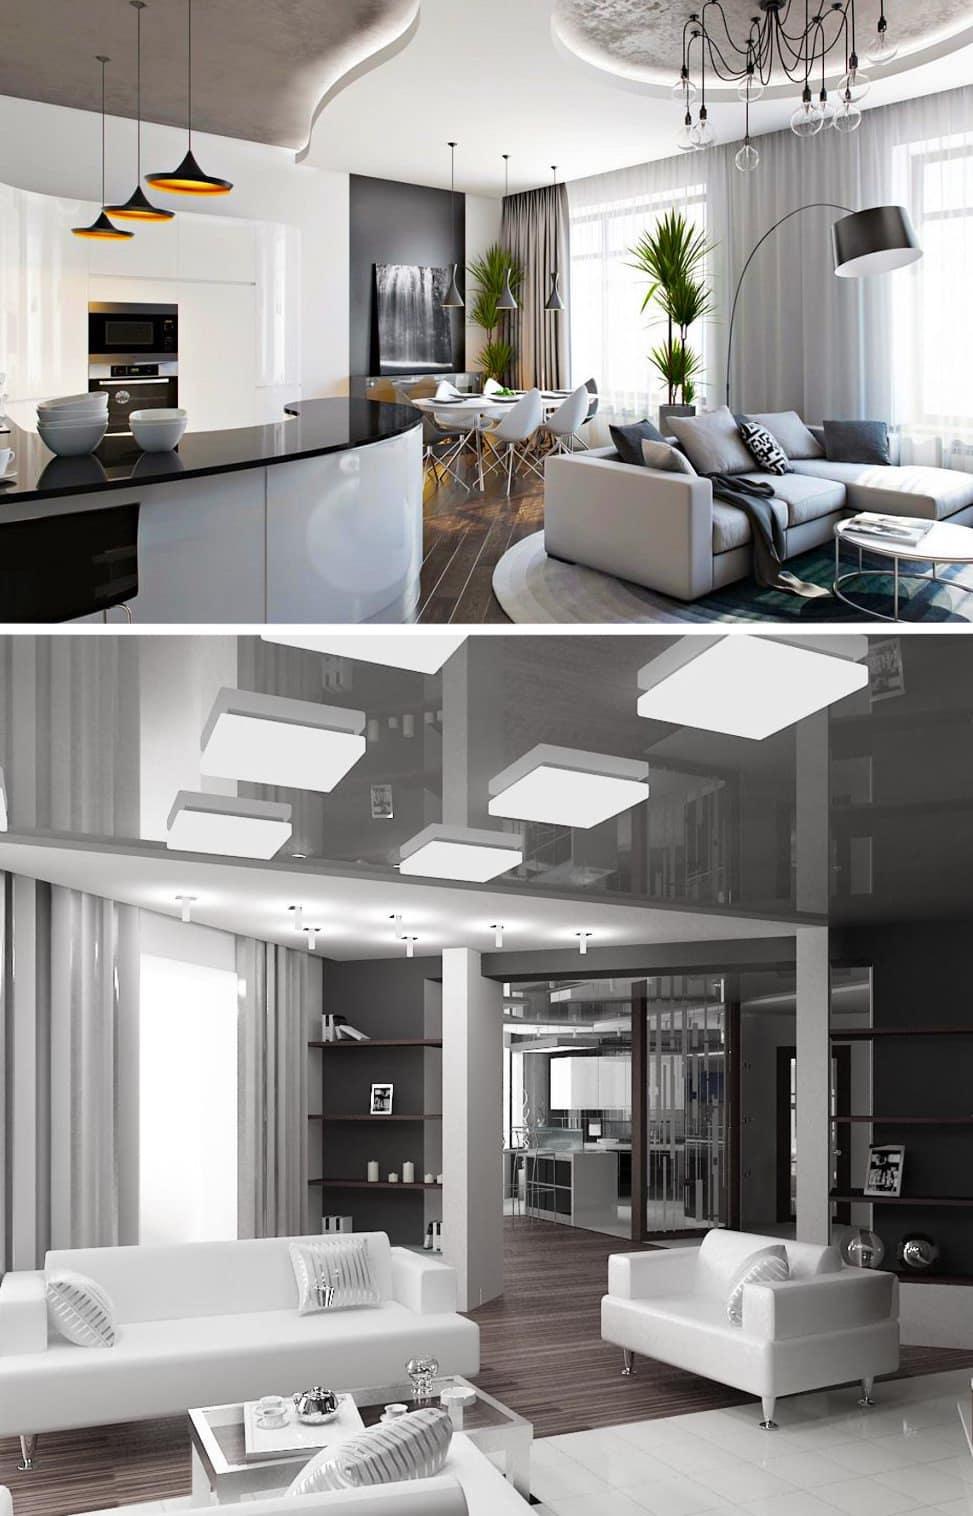 Фотогалерея примеров красивых потолков из гипсокартона: 52 фото